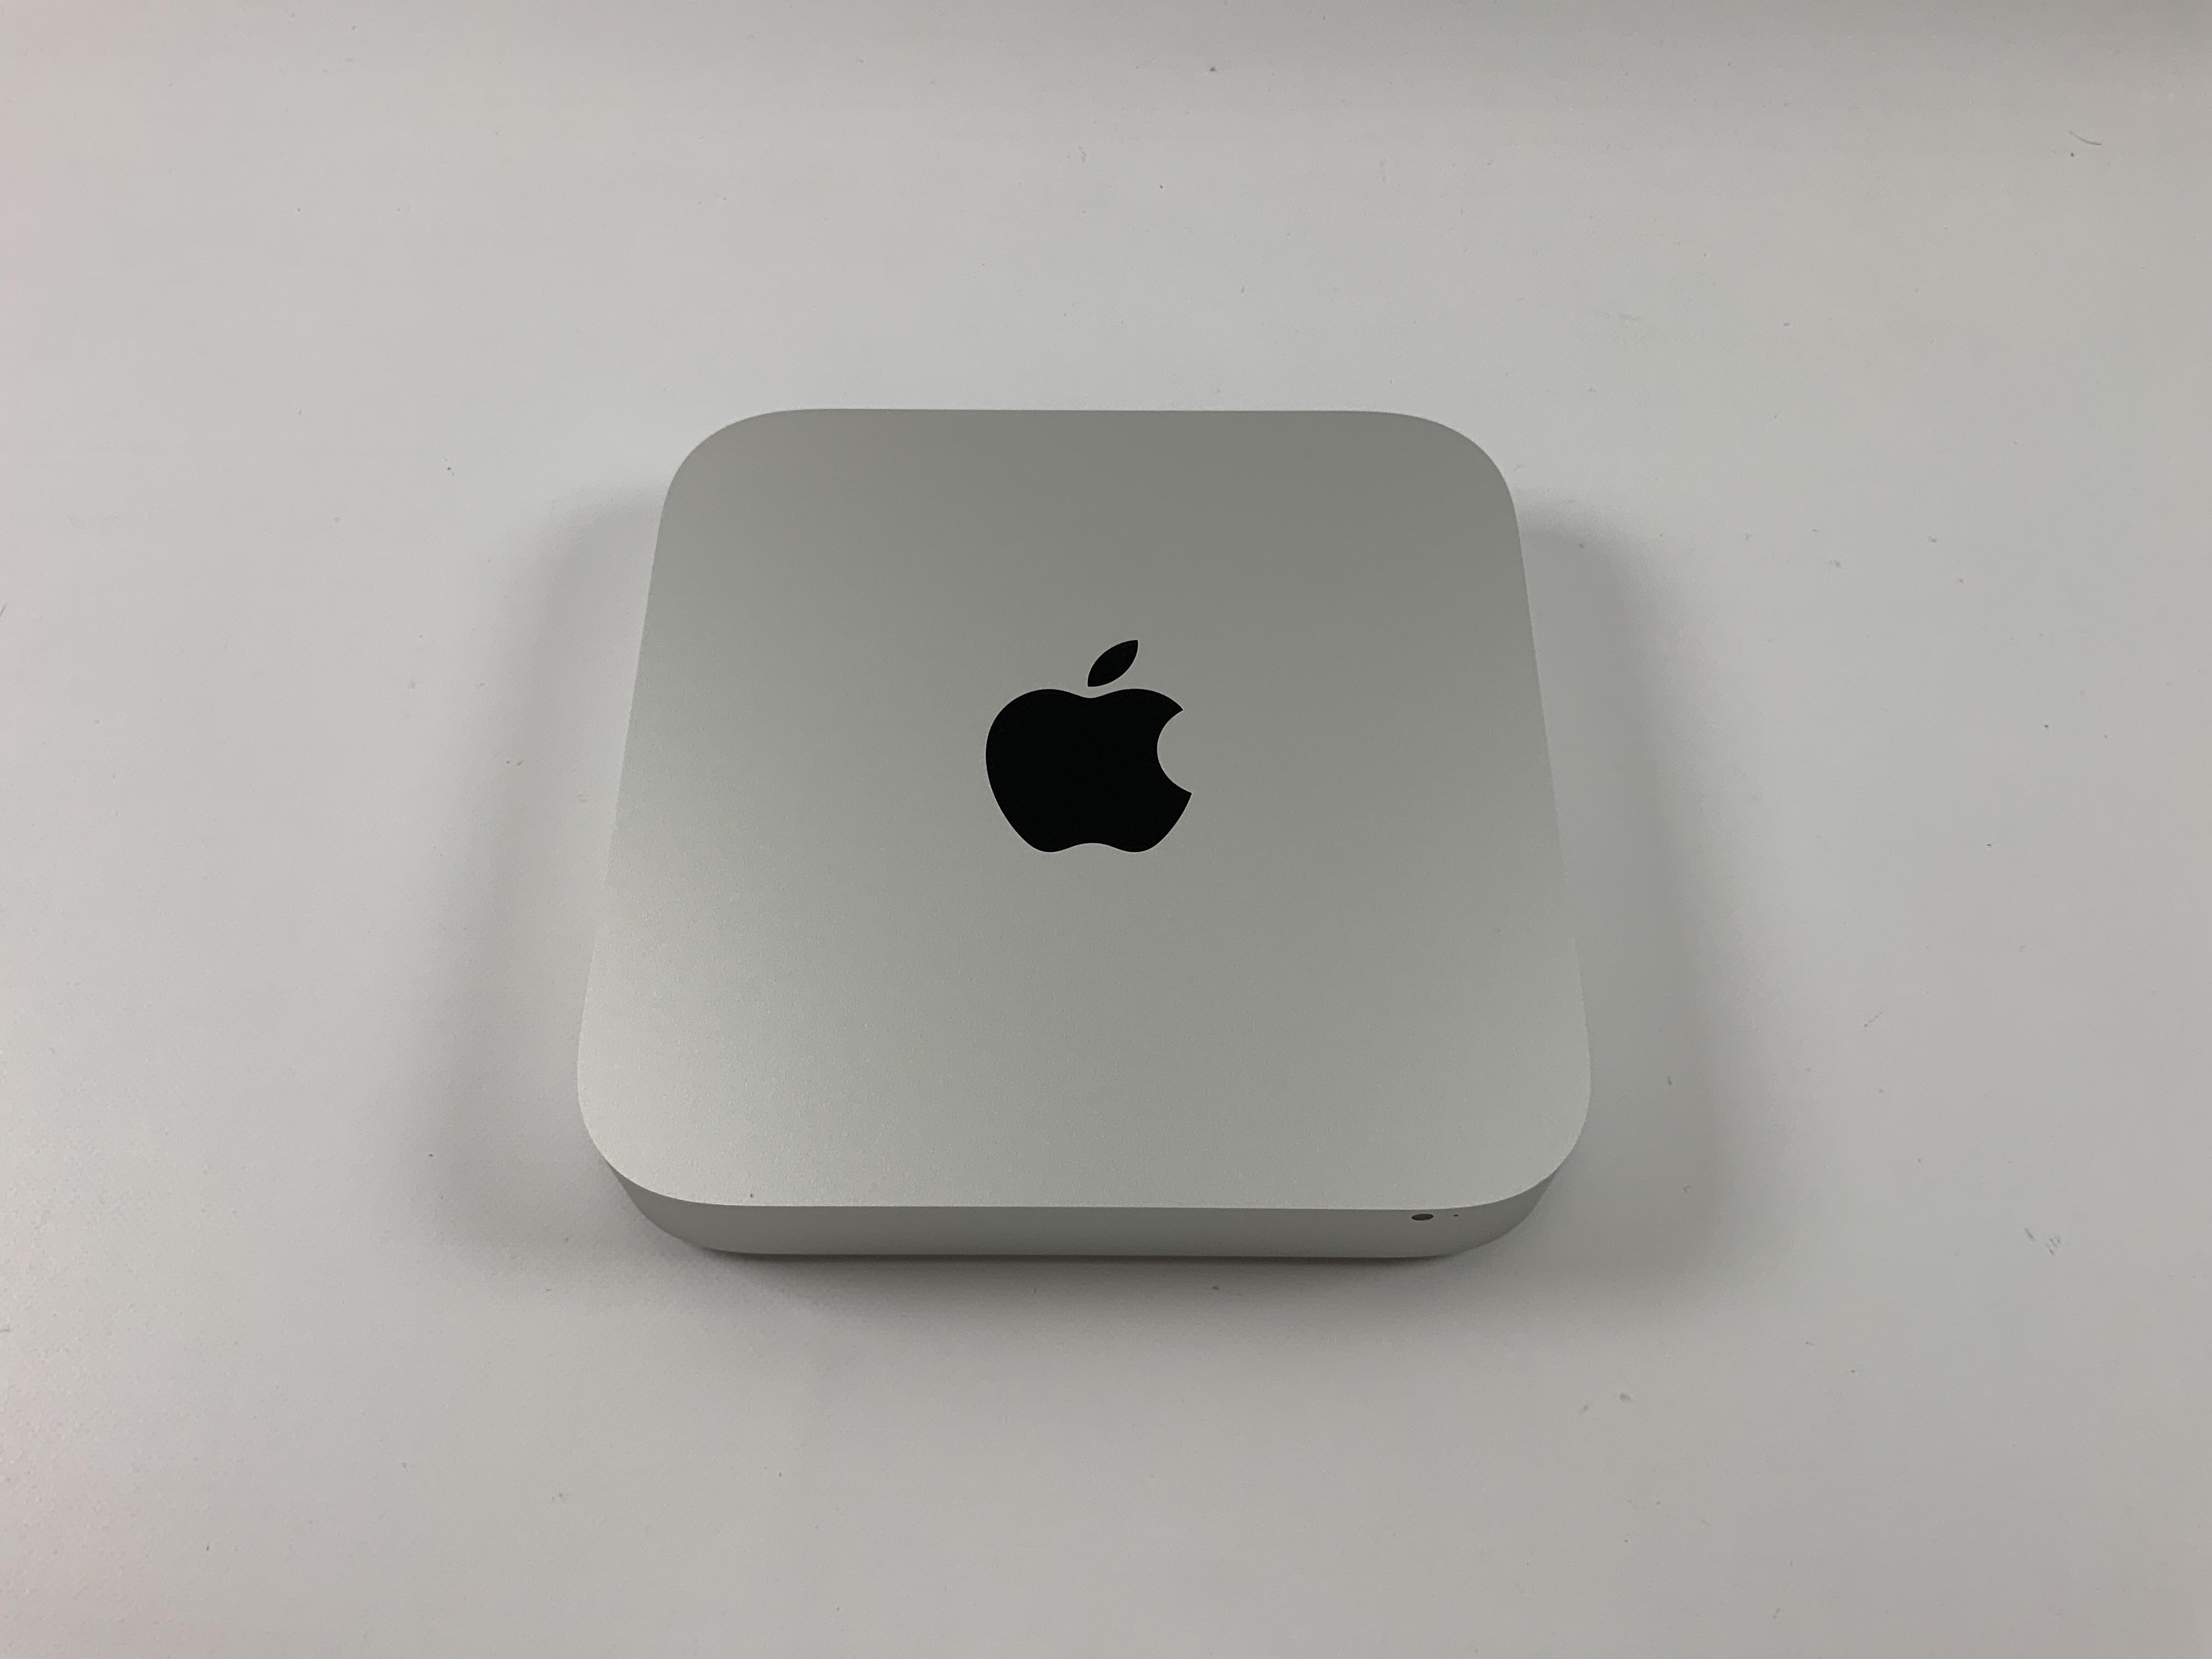 Mac Mini Late 2014 (Intel Core i7 3.0 GHz 16 GB RAM 1 TB SSD), Intel Core i7 3.0 GHz, 16 GB RAM, 1 TB SSD, Kuva 1